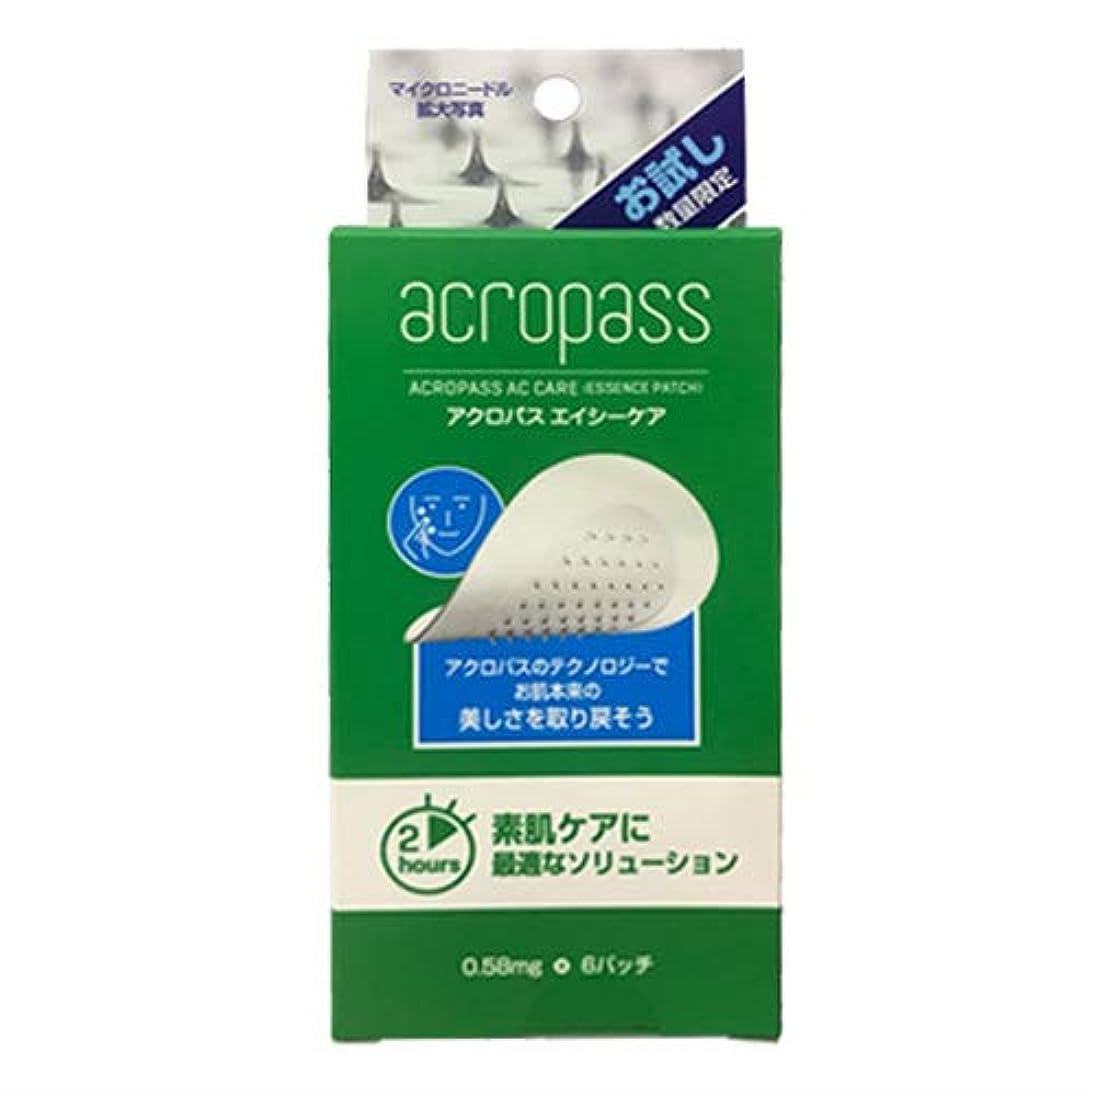 フォーク日光船Acropass (アクロパス) アクロパス エイシーケア プラスお試しサイズ フェイスマスク 無香料 6パッチ入り